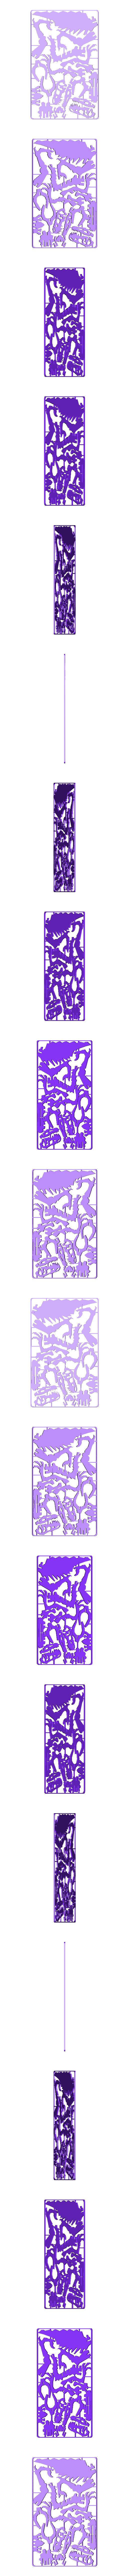 finalraptornormaltail.stl Télécharger fichier STL gratuit Carte de visite Velociraptor • Design imprimable en 3D, Mathorethan